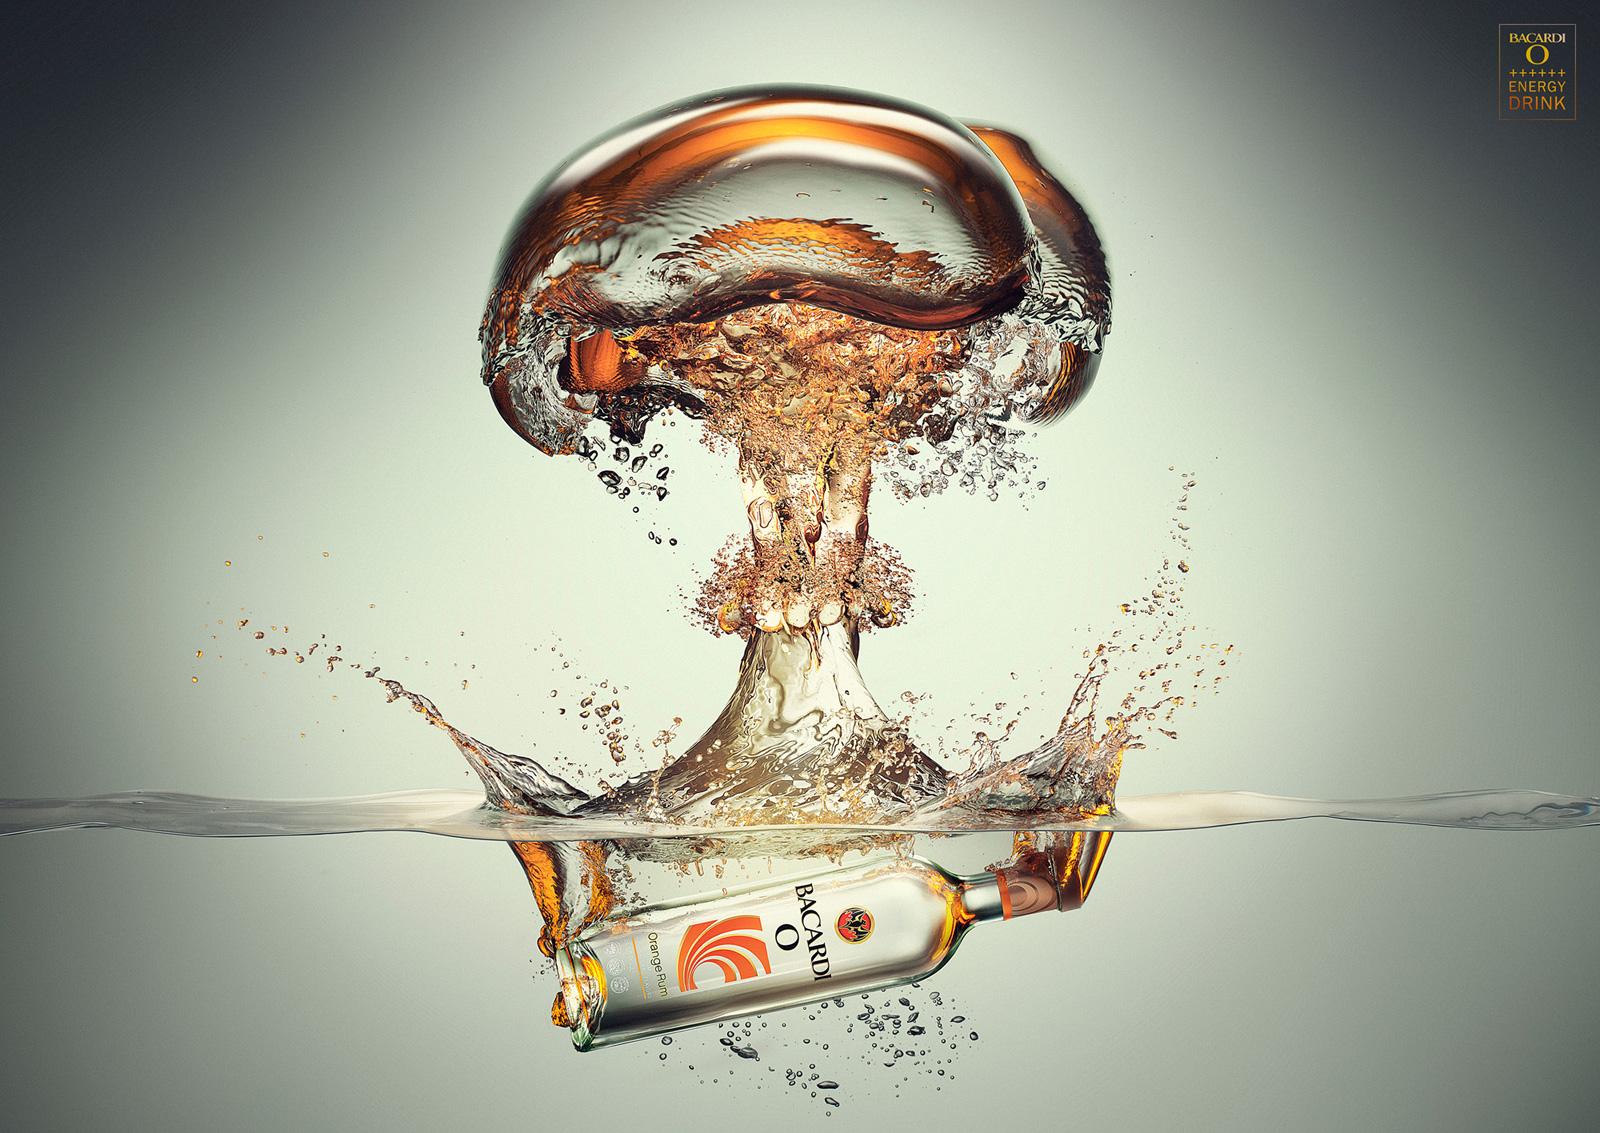 Ром Bacardi. Объем продаж 2012 — 165 млн л. Компания продает свыше 200 миллионов бутылок рома Бакарди ежегодно, приблизительно, в 150 странах